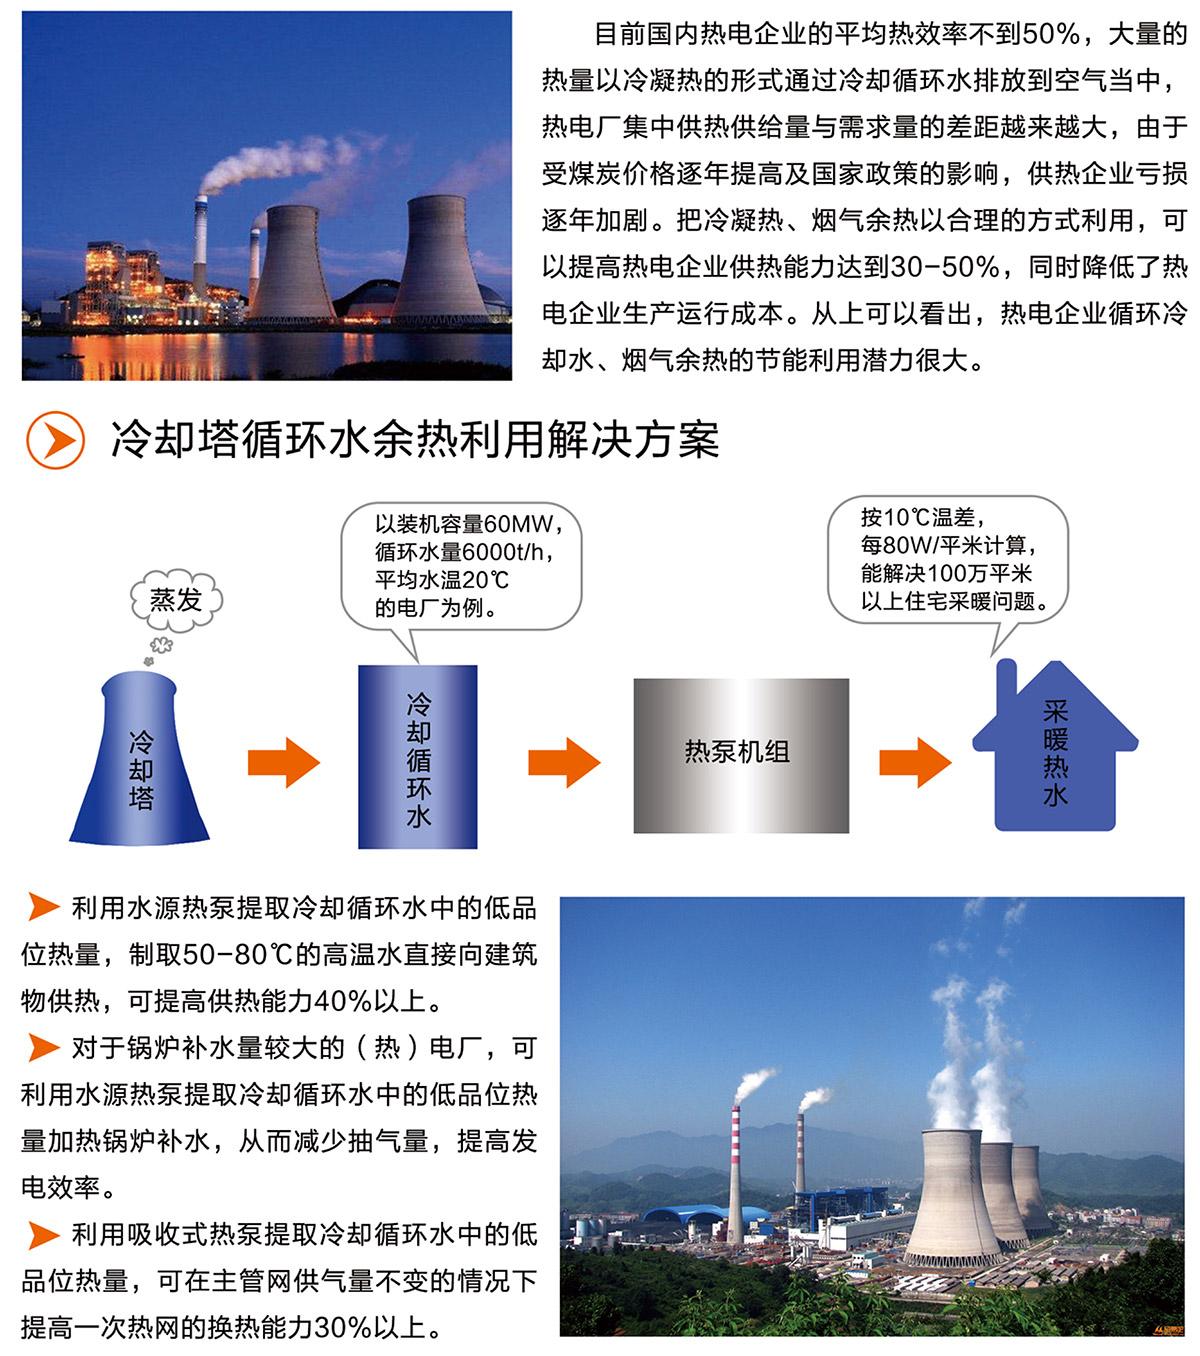 热电行业节能解决方案